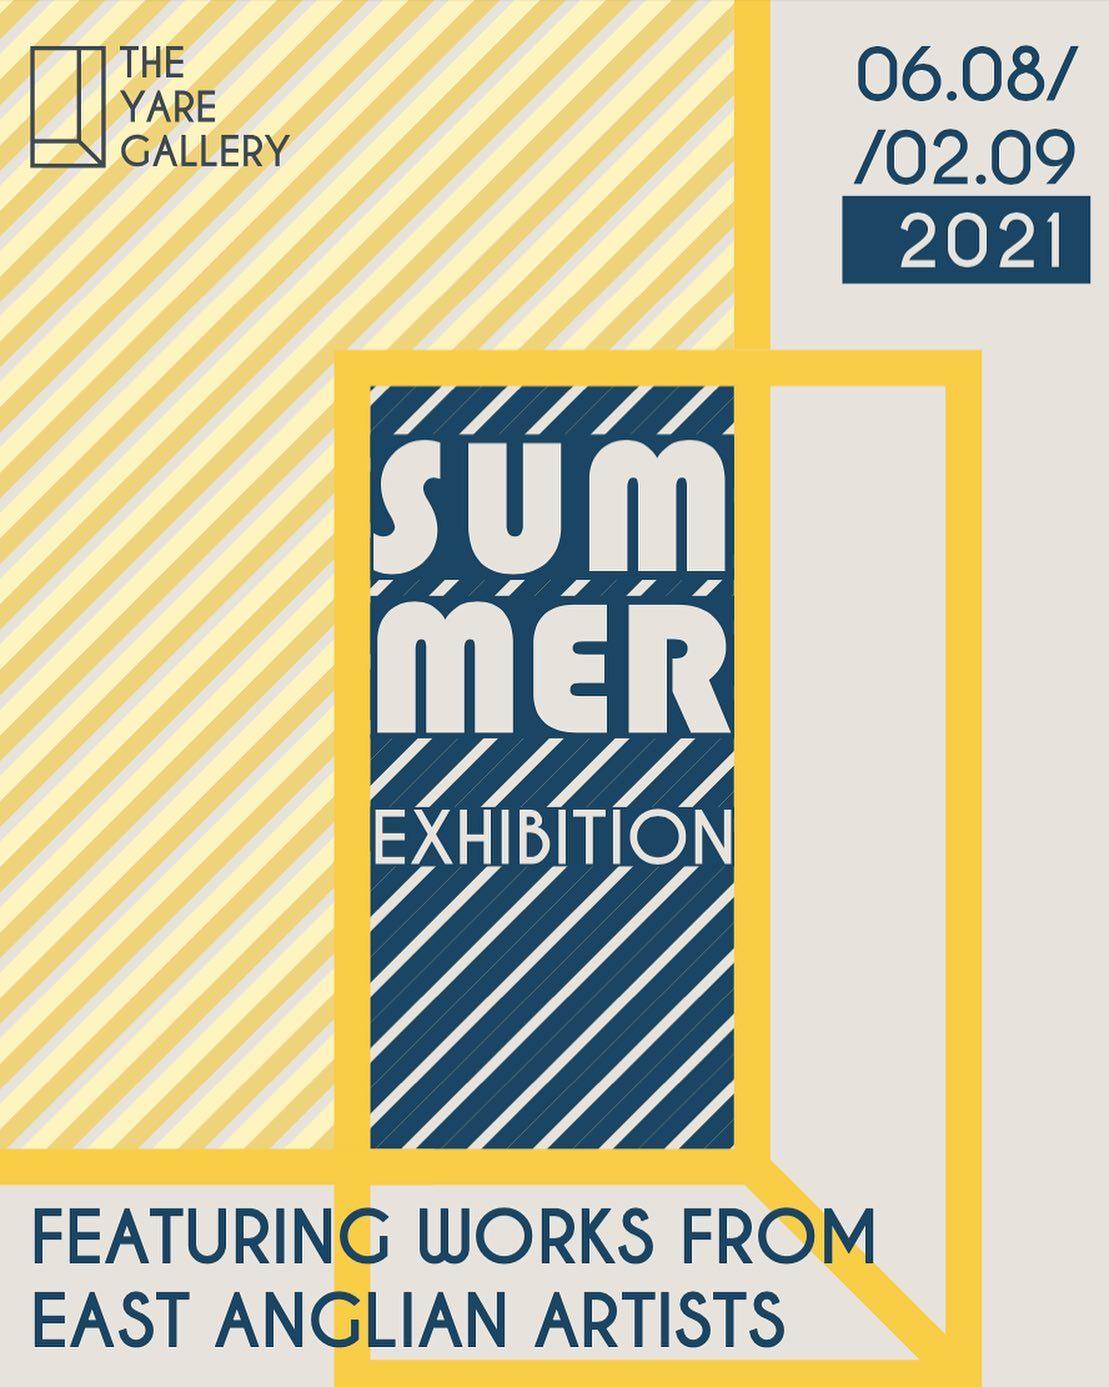 Yare Gallery Summer Exhibition